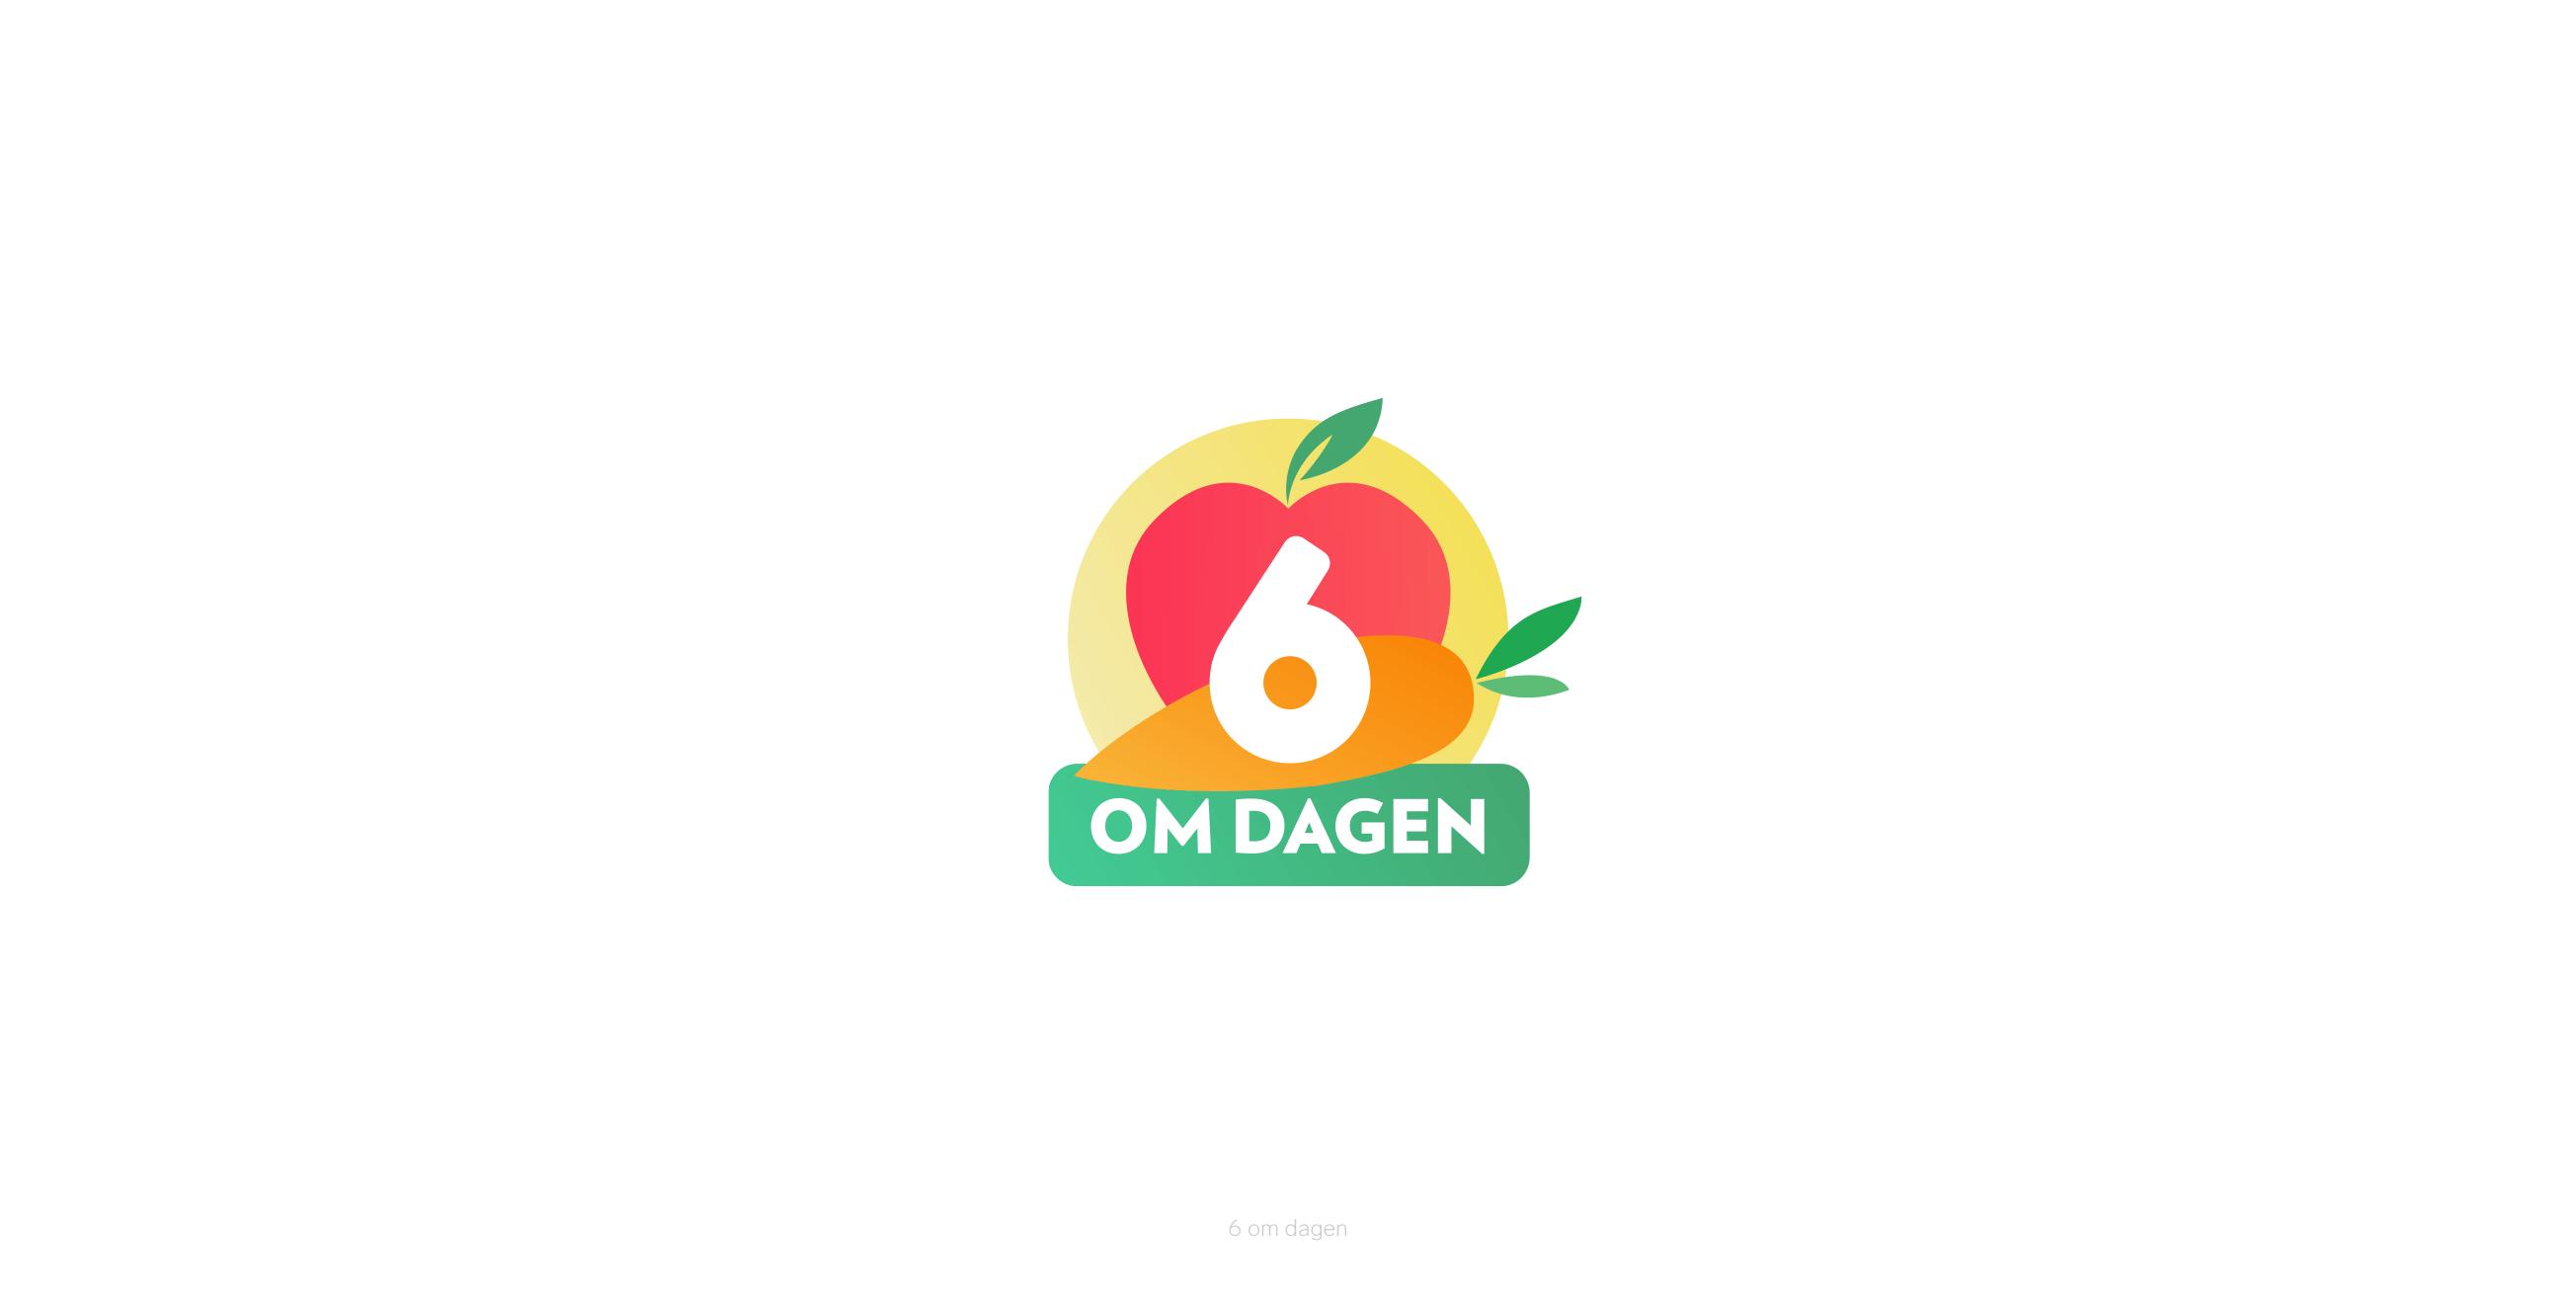 Logo — 6 om dagen